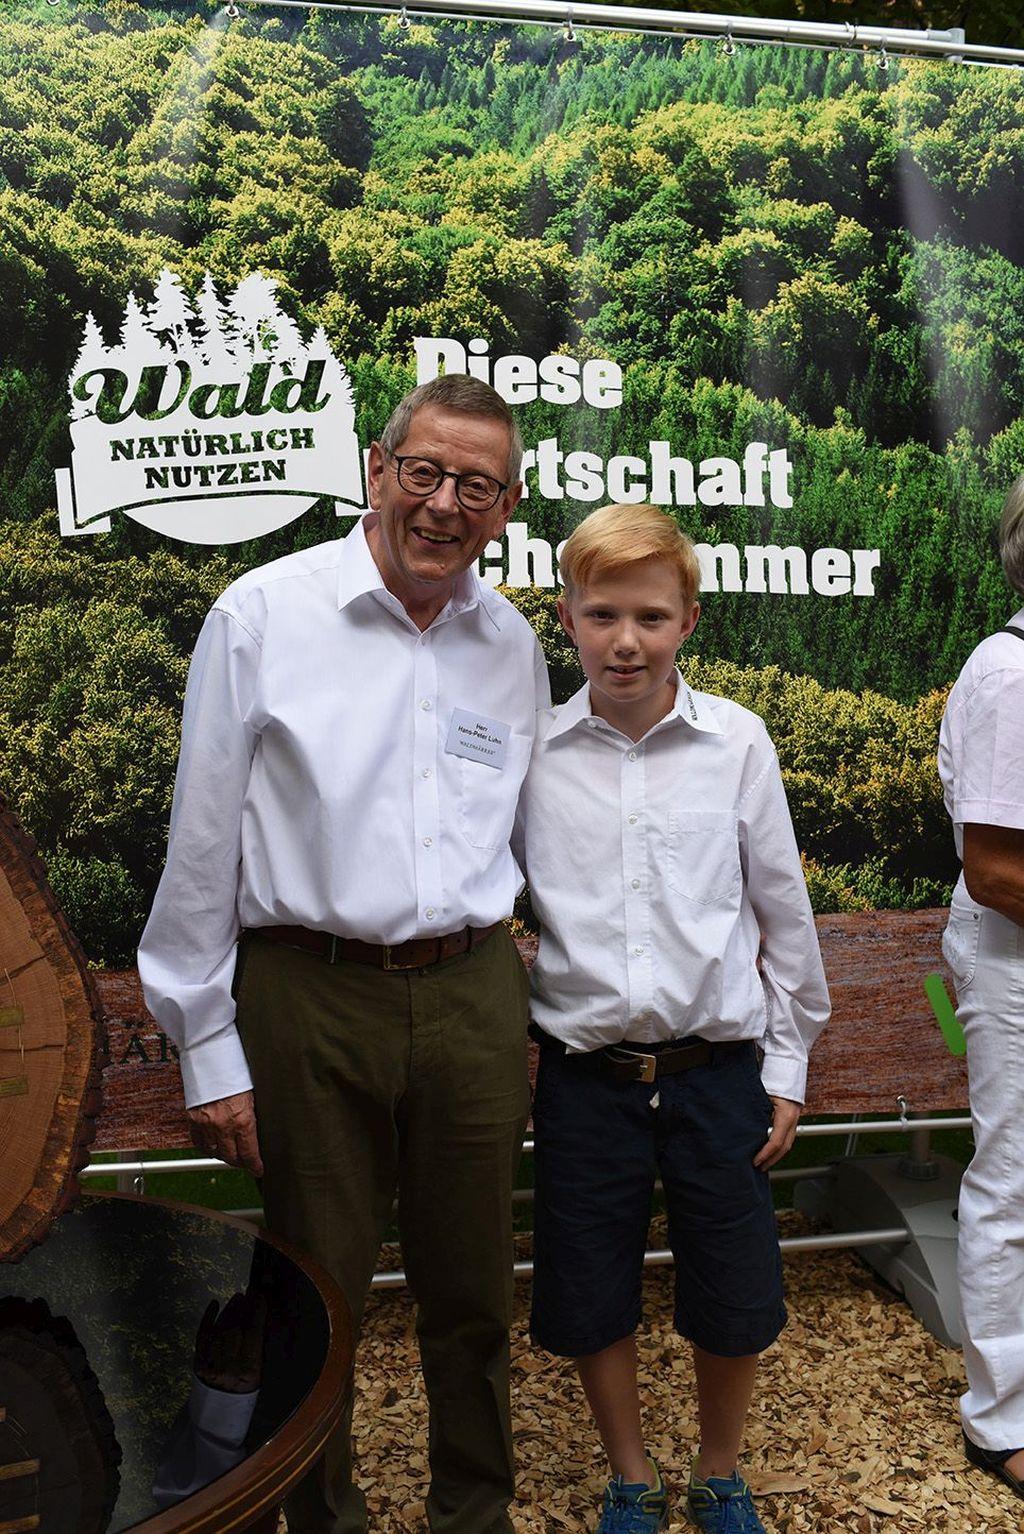 Bürgerfest 2016 in Niedersachsen: Großvater mit Enkel